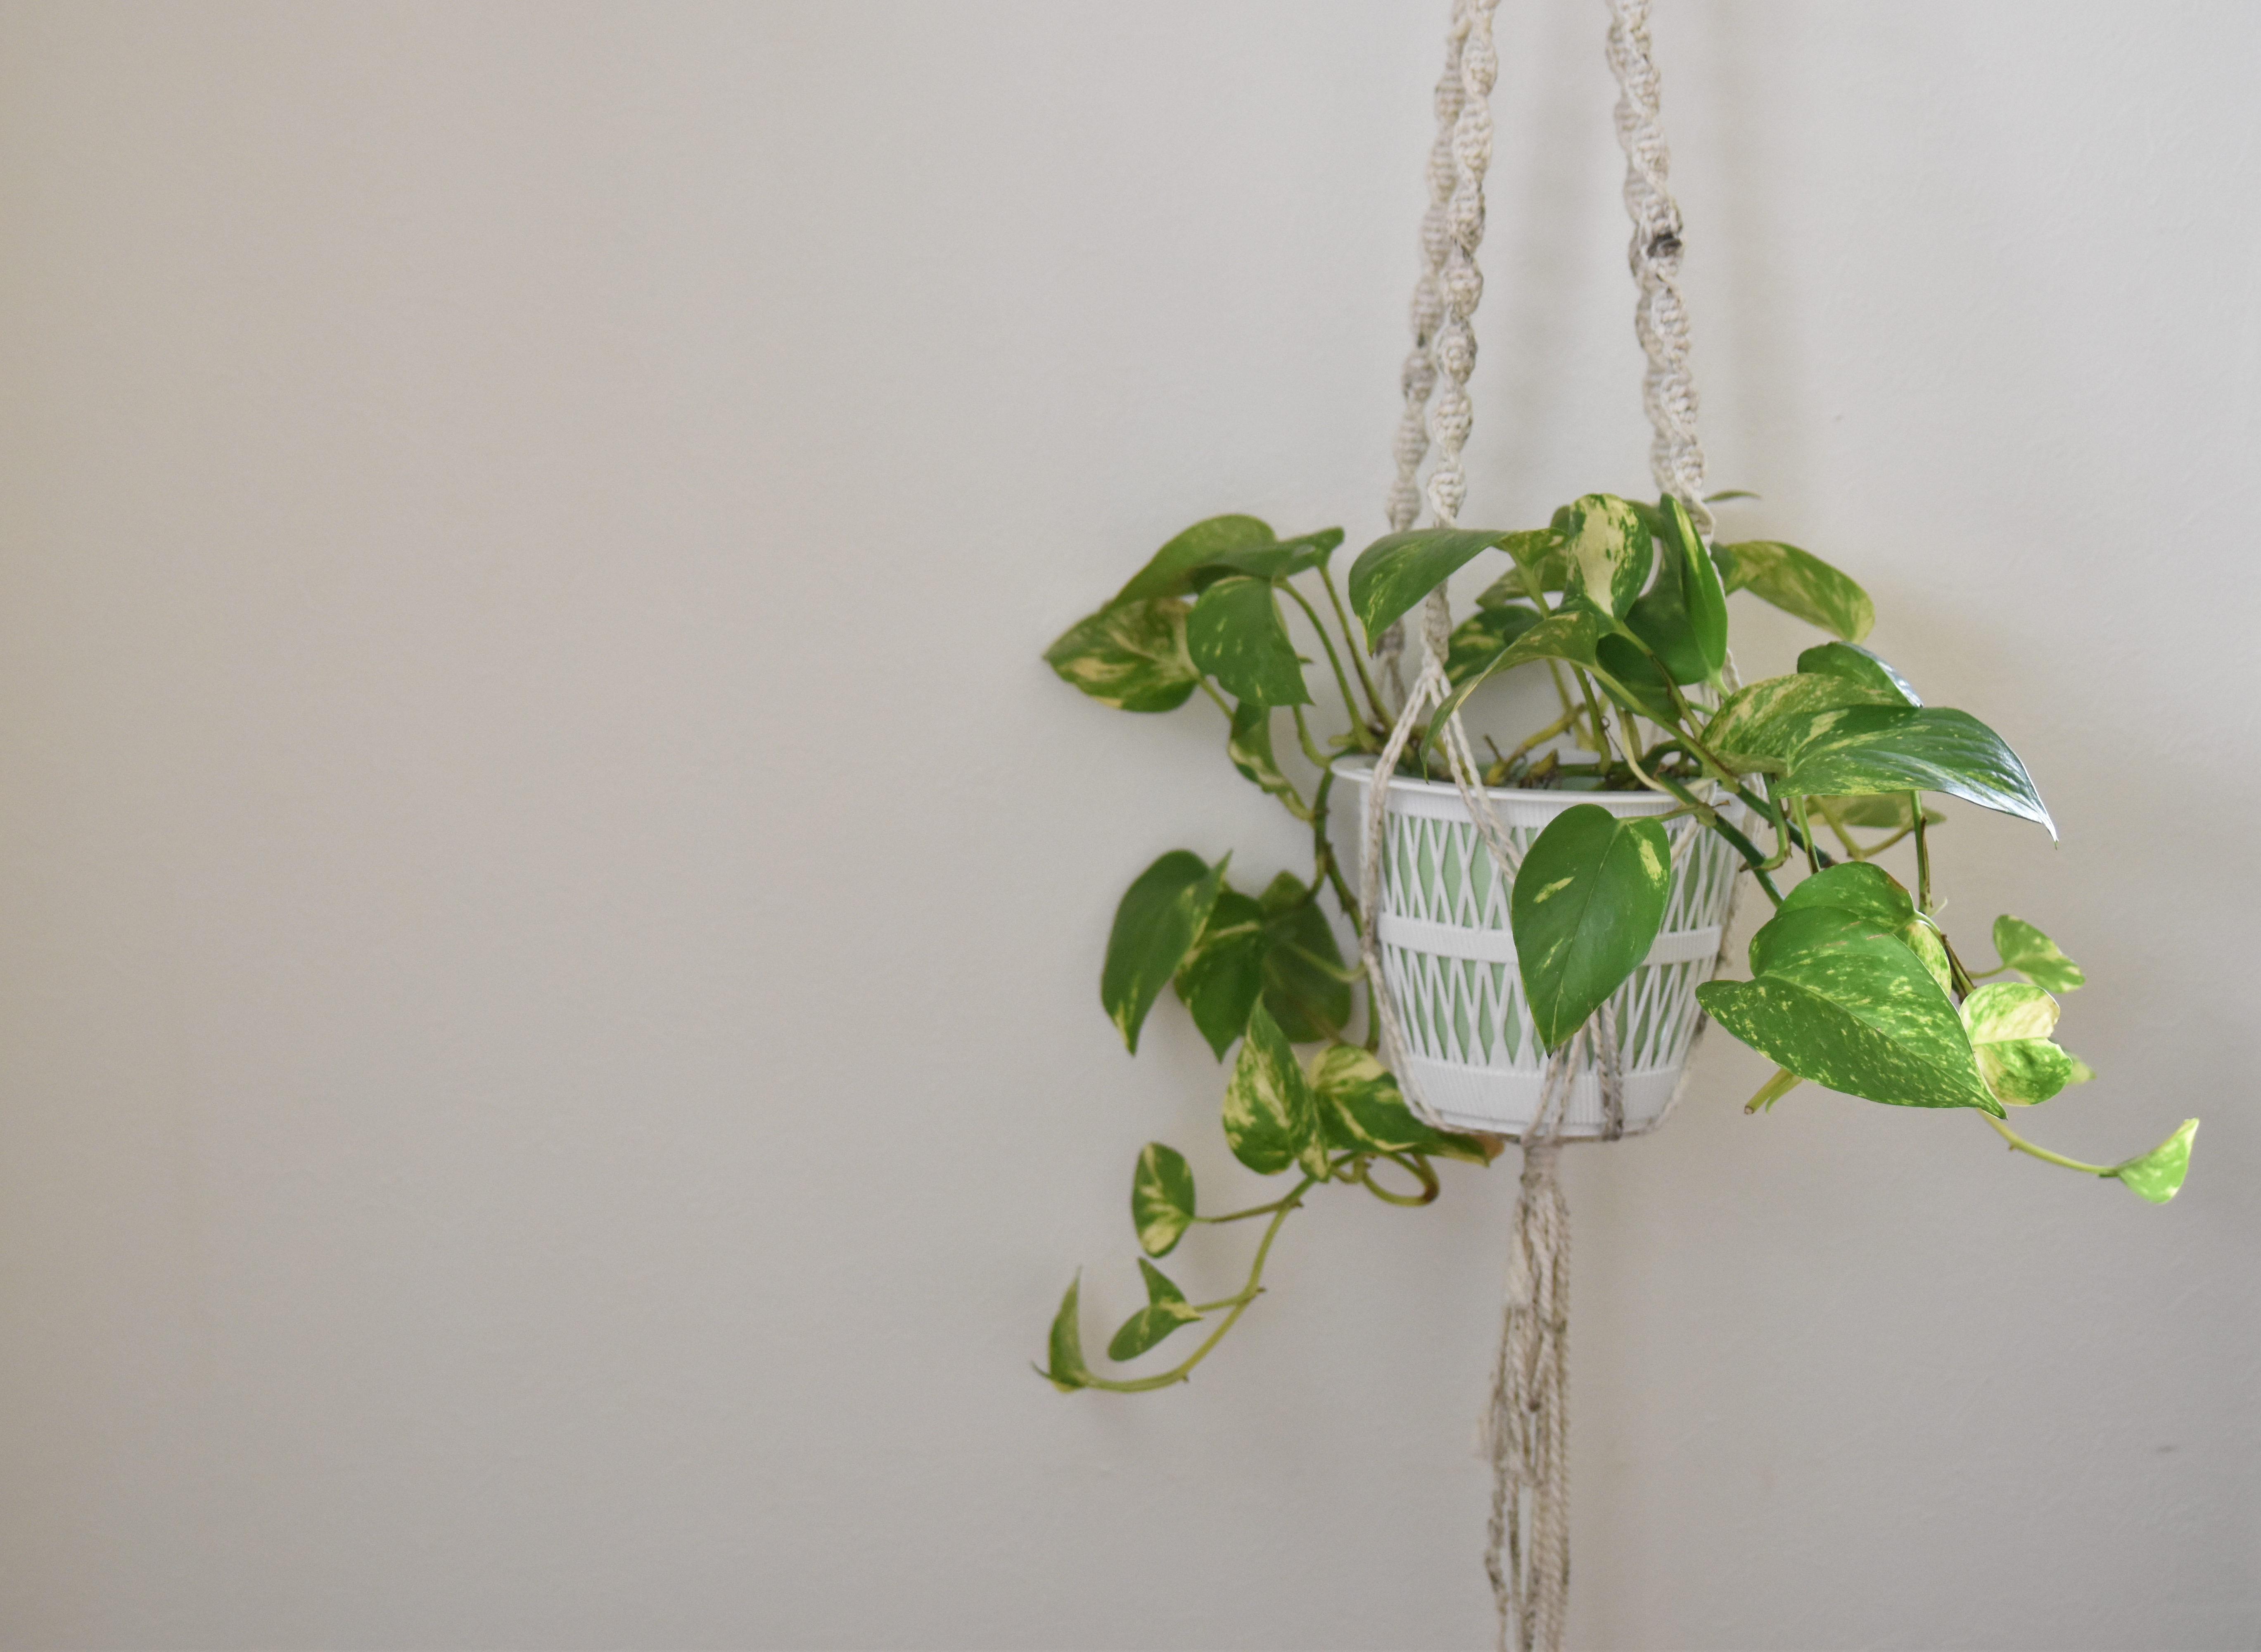 マクラメなどで鉢ごとポトスを吊るす飾り方もあります。置いて飾ると鉢などが見えにくくなってしまいますが、このように吊るせば鉢も見やすいですね!  お気に入りの鉢にいれて鉢も一緒に楽しんだり、透明な鉢に入れて根の張りを見せるなどしてみてはいかがでしょうか?  また、マクラメの編み方でも雰囲気がグッと変わってくるので、いろいろなプラントハンガーを試して使ってみるのも面白いのではないでしょうか。  マクラメなどで吊るす場合は鉢が落ちてこないようにしっかりと固定してください。水やり直後の鉢は土が水を吸収して重くなっているので注意が必要です。